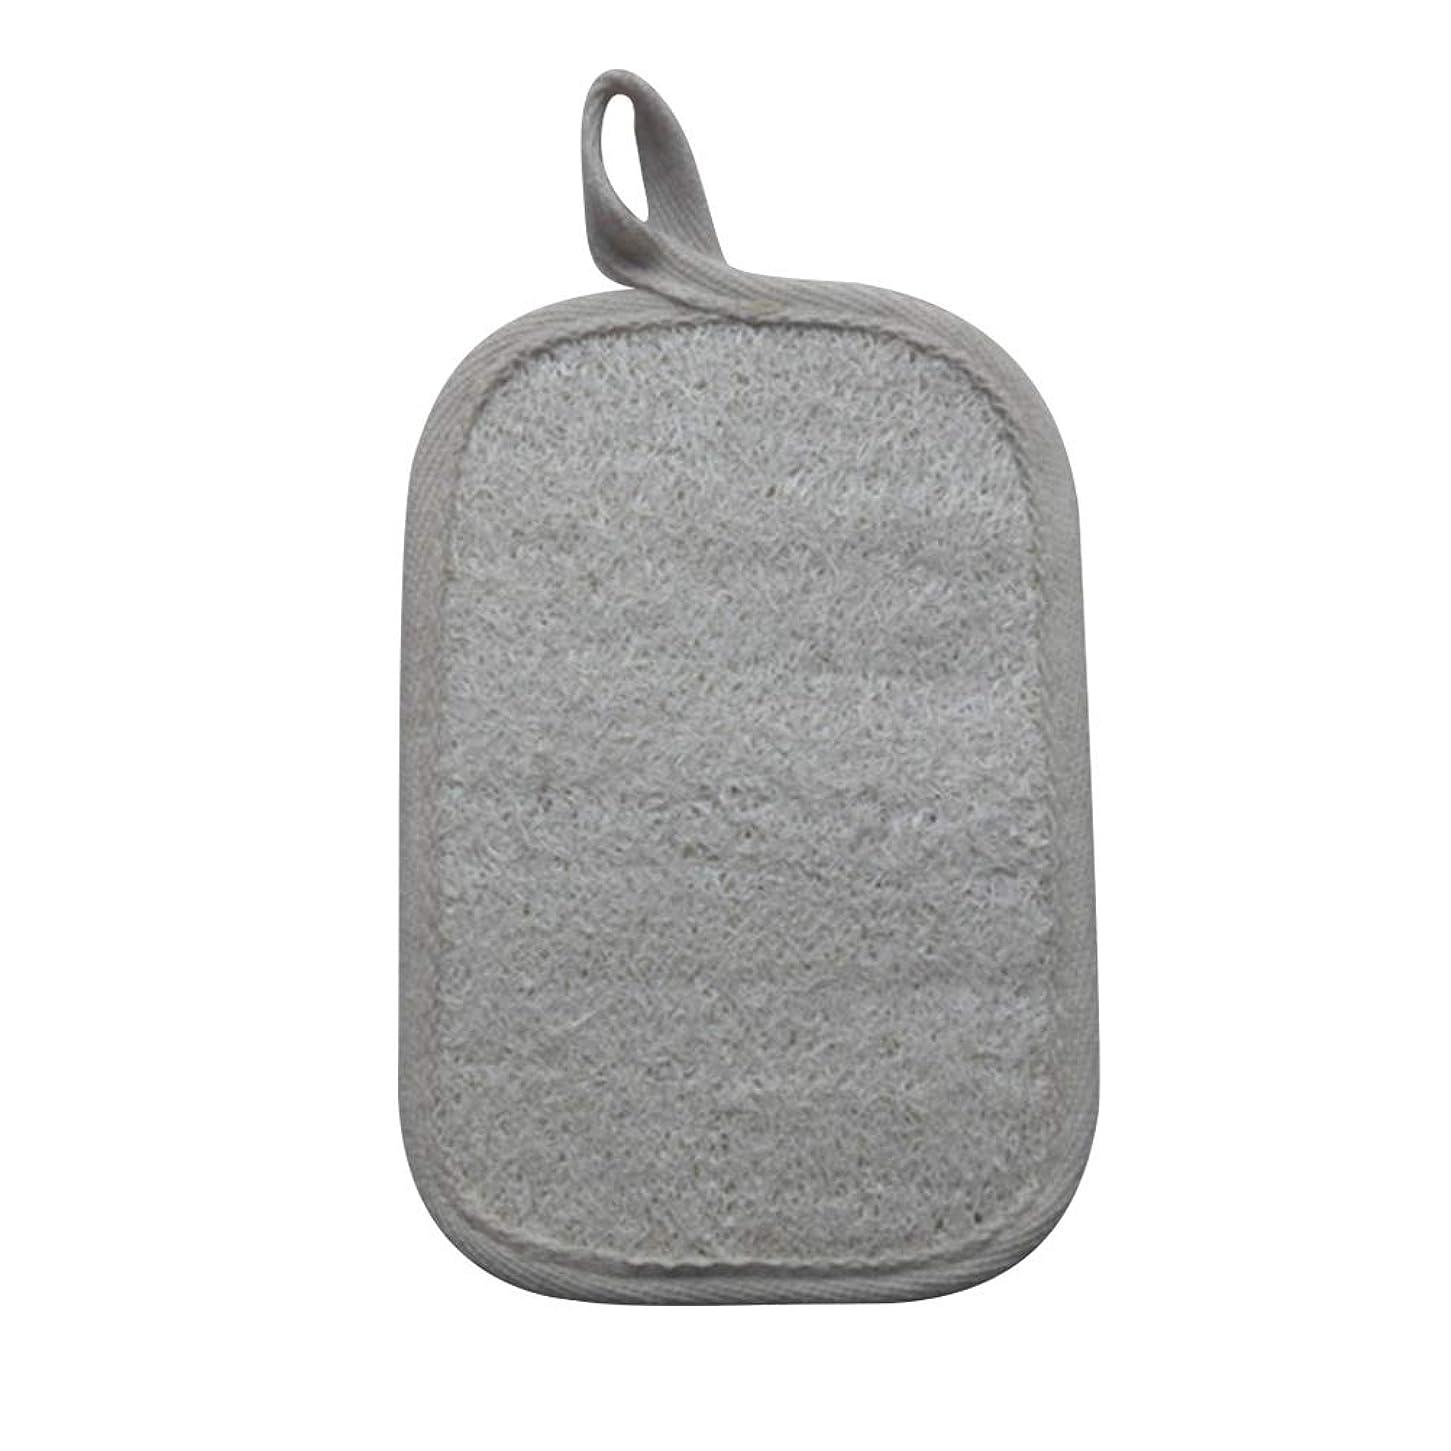 おいしいカテナ最小HEALIFTY シャワーのための自然なLoofahのスポンジパッドの風呂の剥離Loofahのスポンジのスクラバー